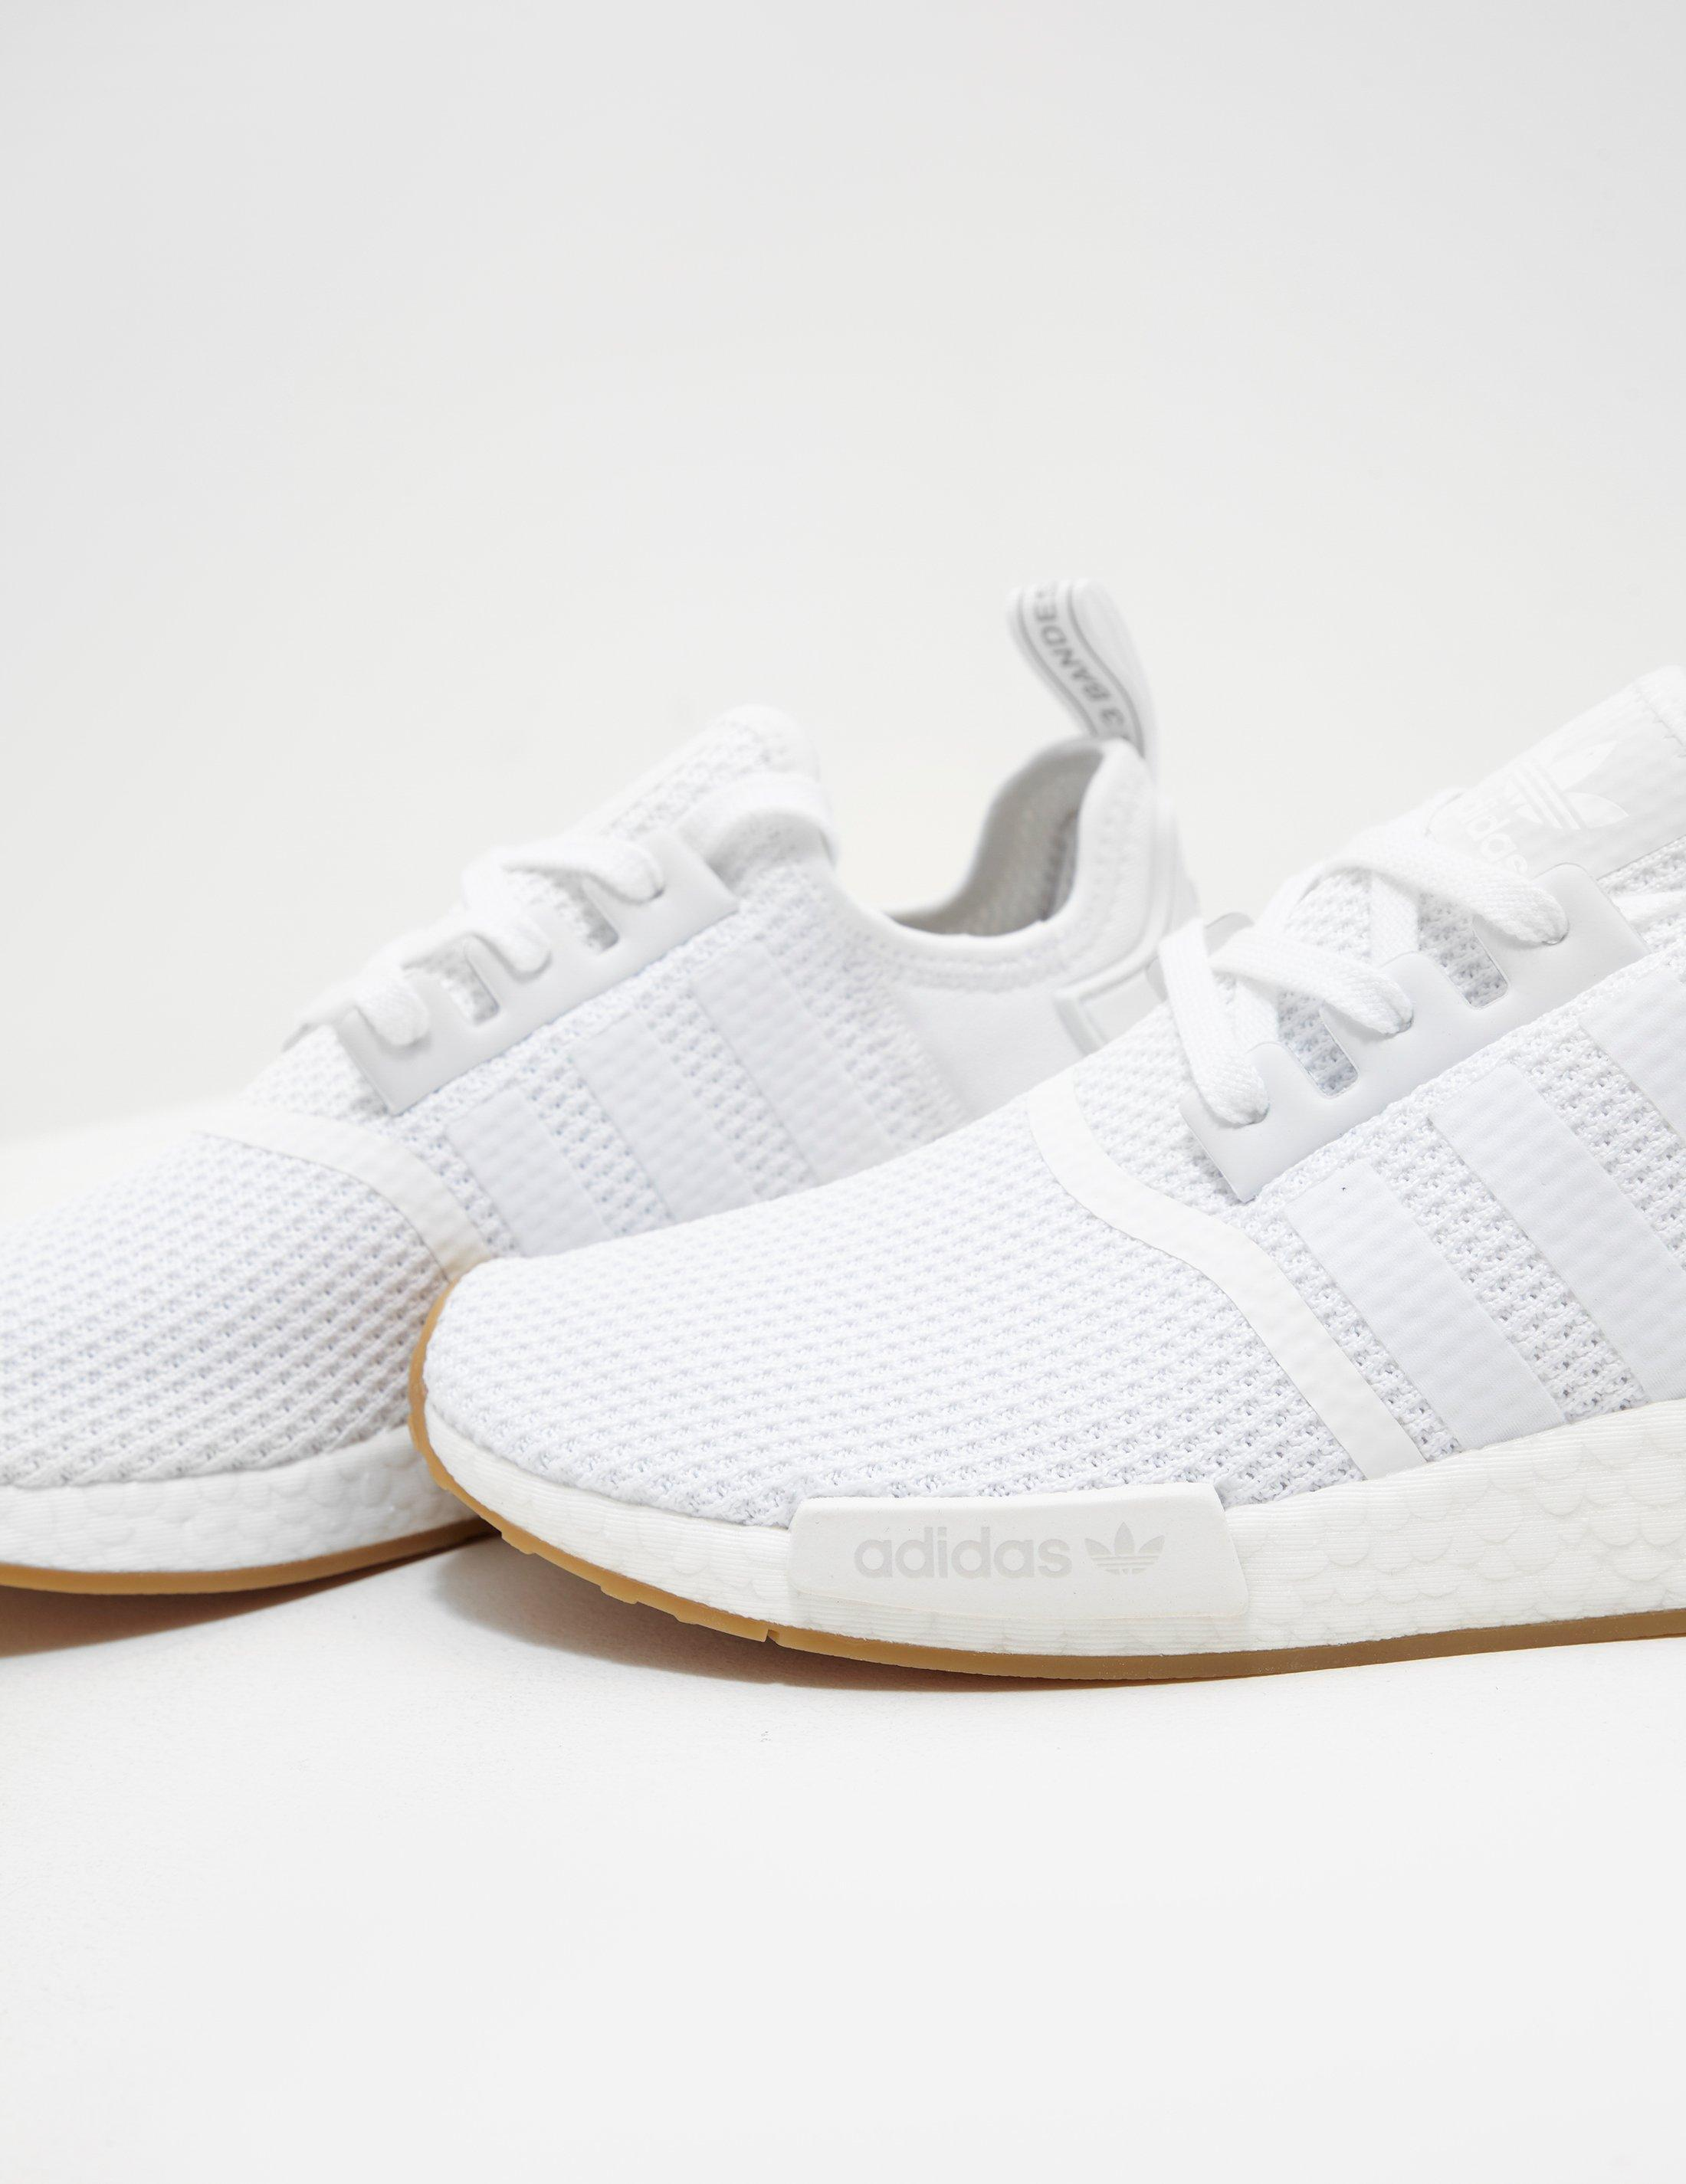 adidas nmd r1 mens white